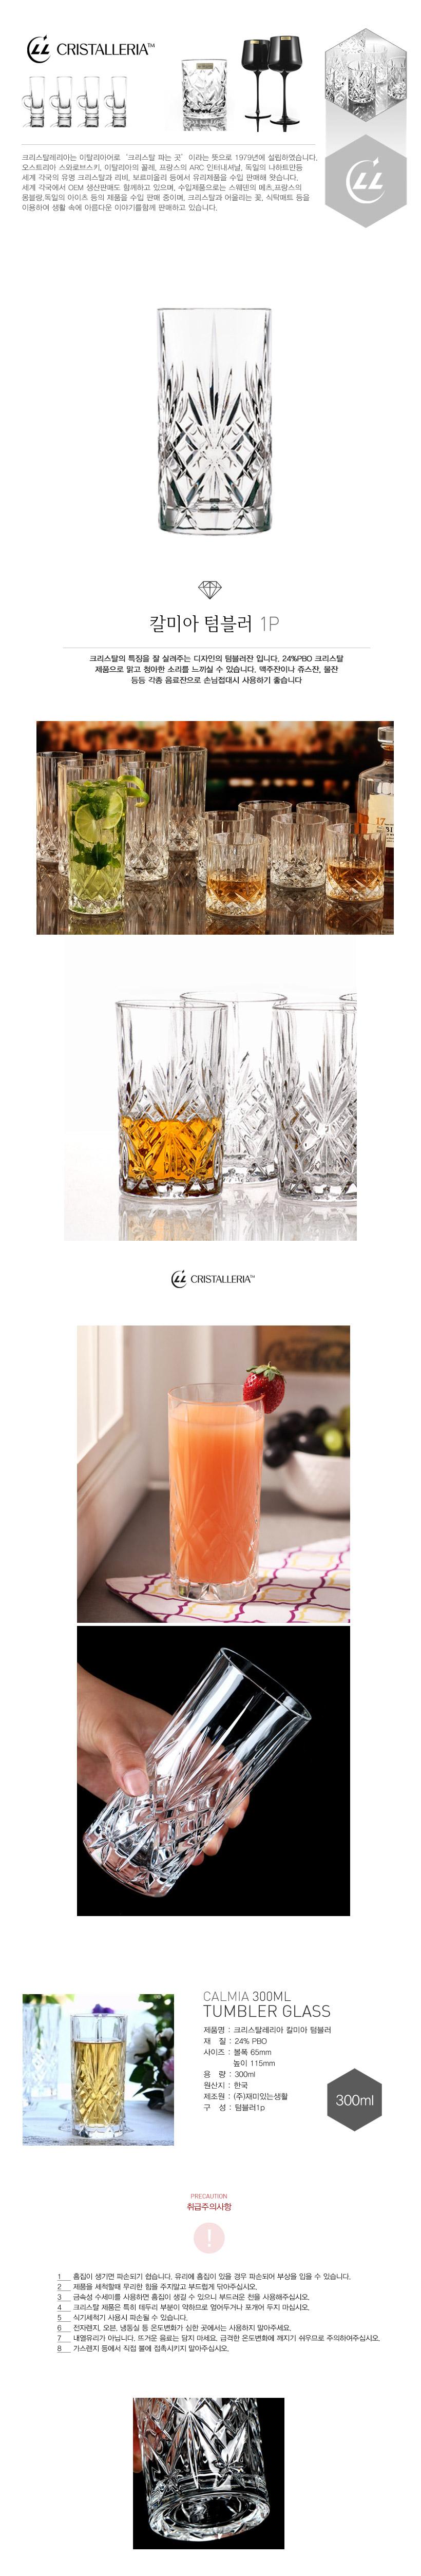 칼미아 크리스탈 텀블러 1P - 재미있는생활, 11,000원, 유리컵/술잔, 양주/위스키잔